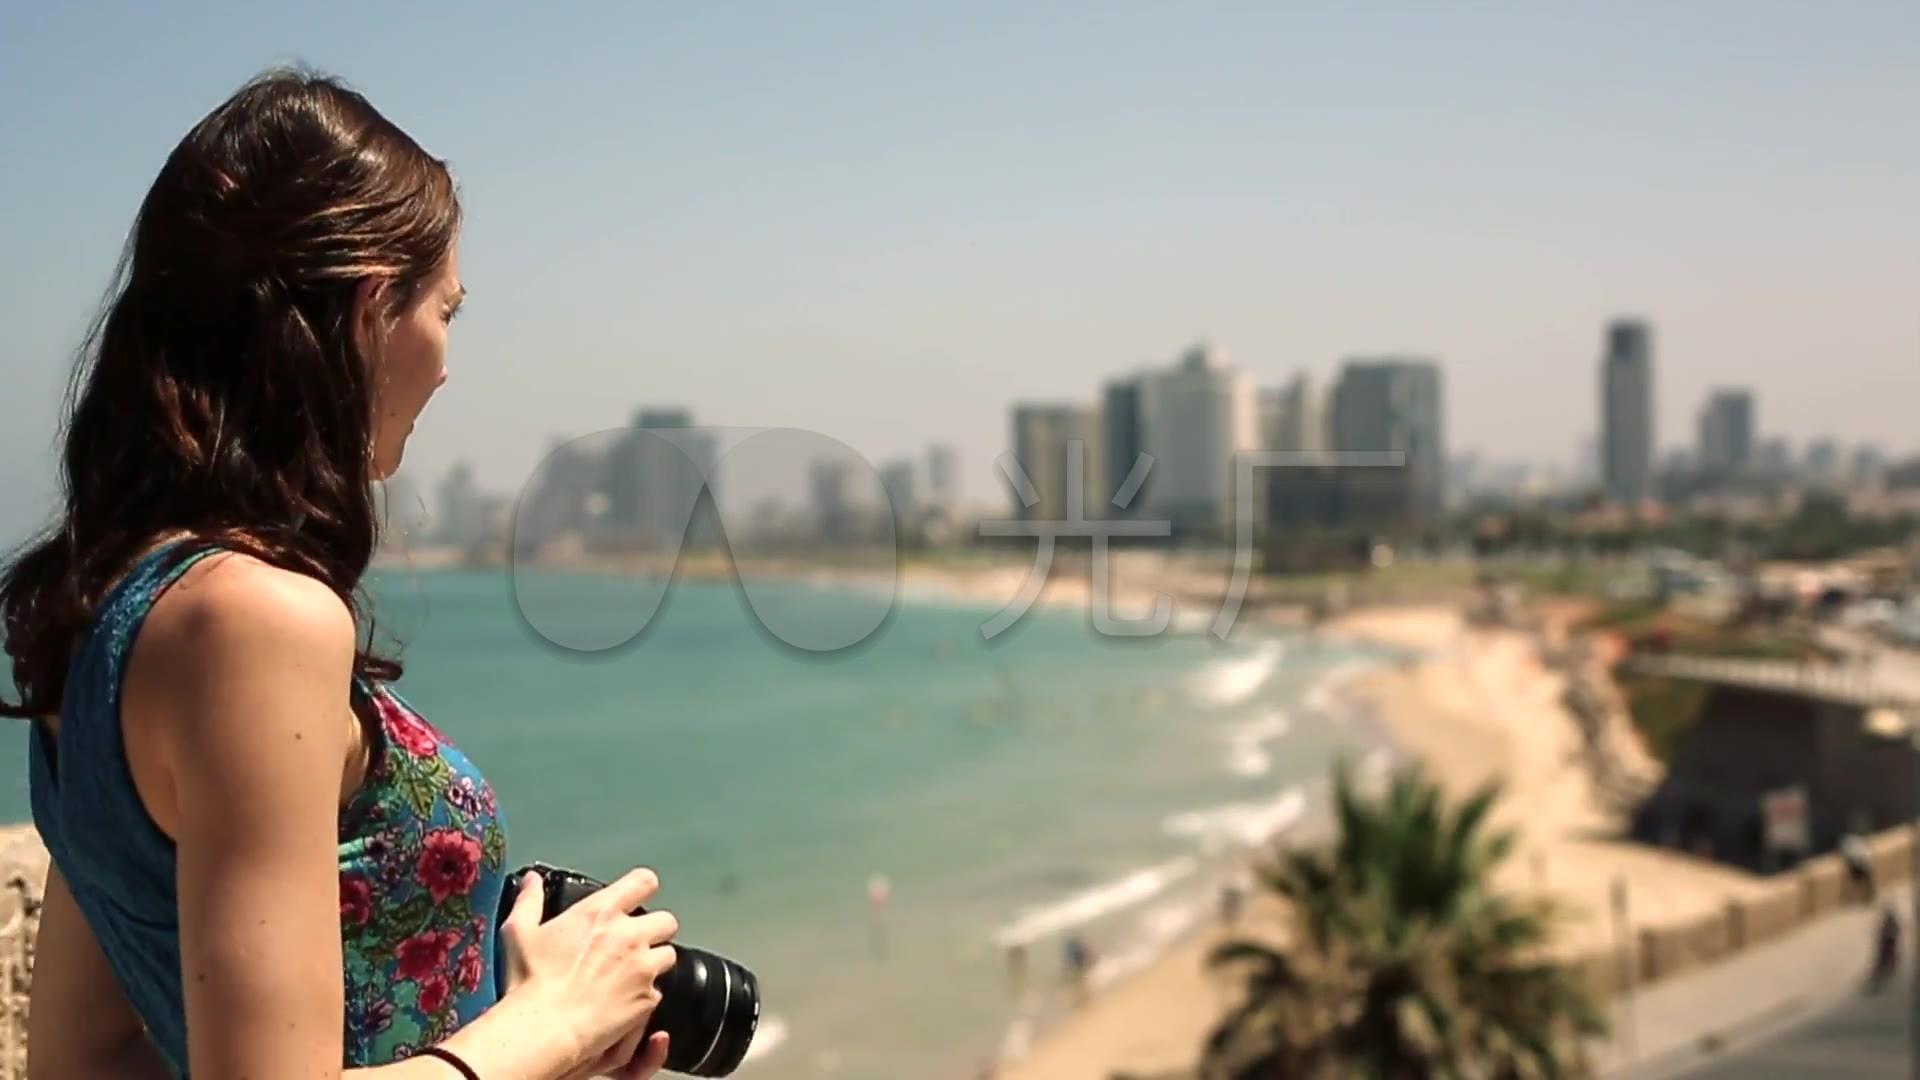 美女海边拍照背影